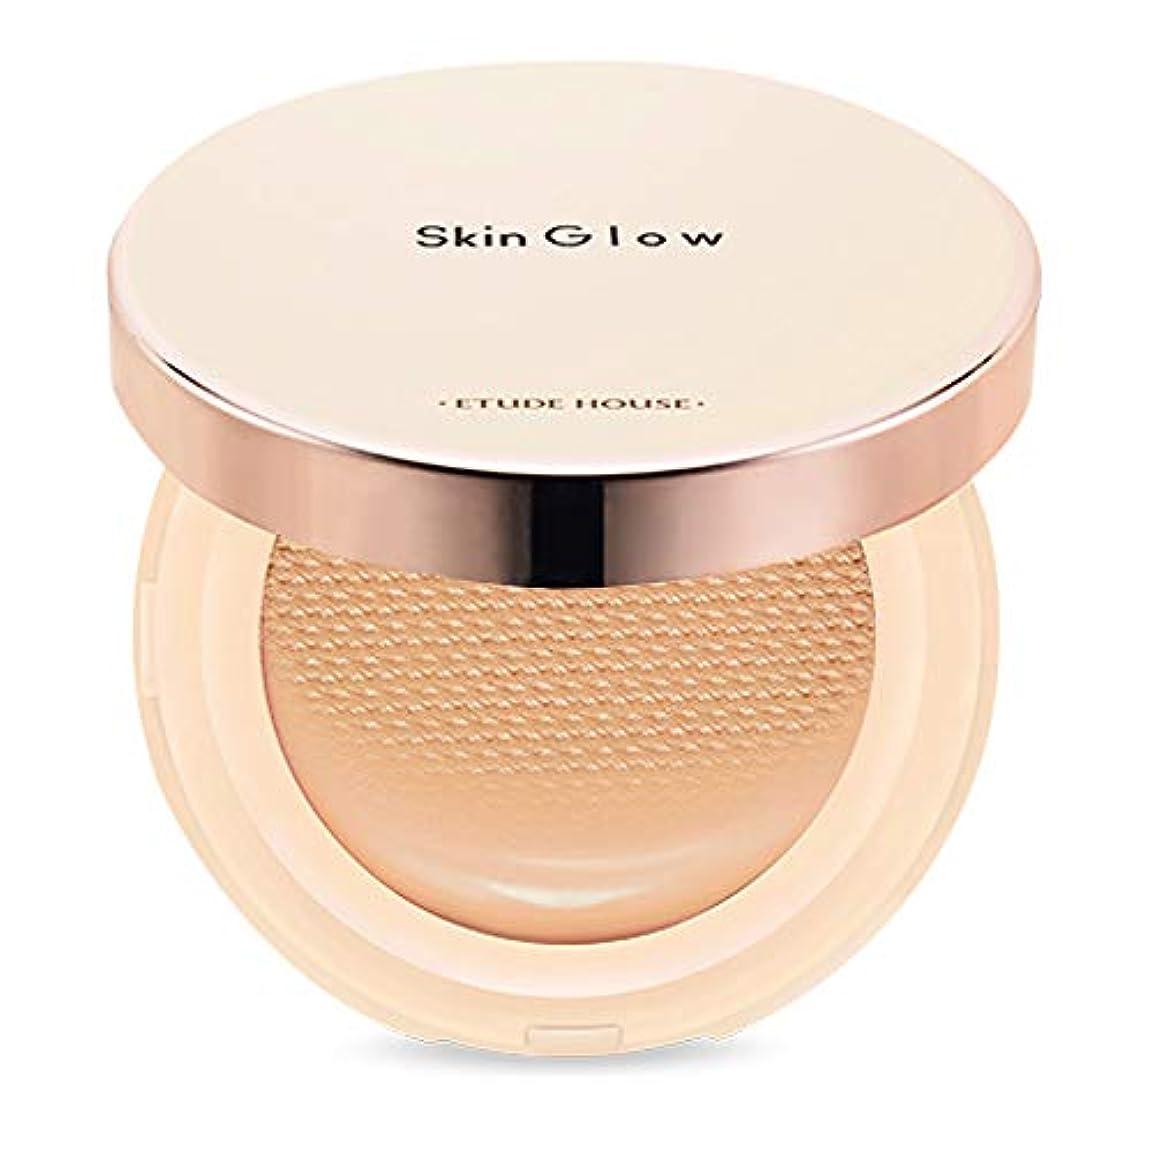 脇にリッチ割り込みEtude House Skin Glow Essence Cushion SPF50+/PA++++ エチュードハウス スキン グロー エッセンス クッション (# N05 Sand) [並行輸入品]